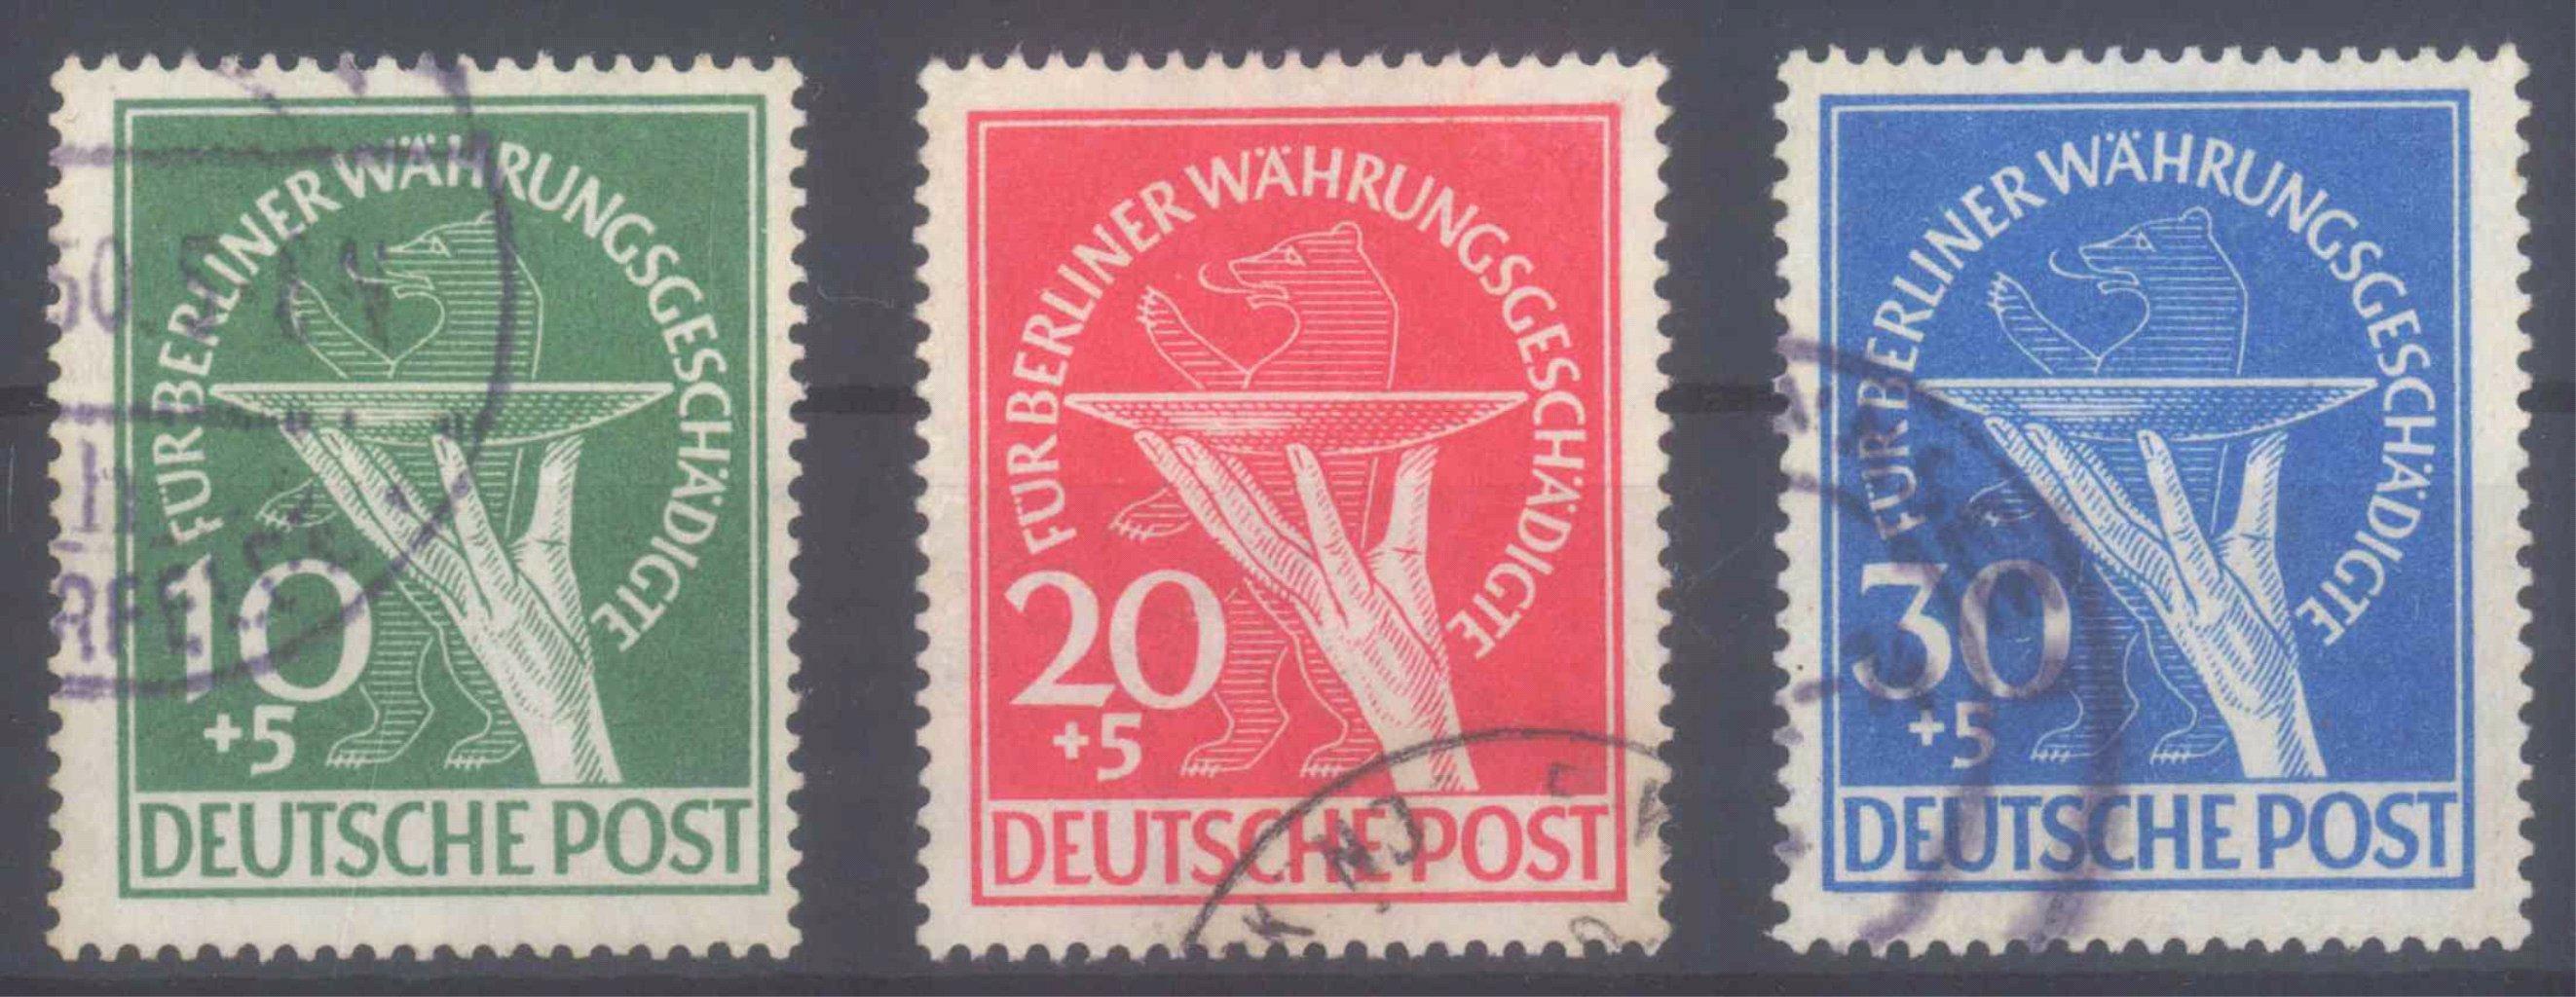 BERLIN 1949, Währungsgeschädigte